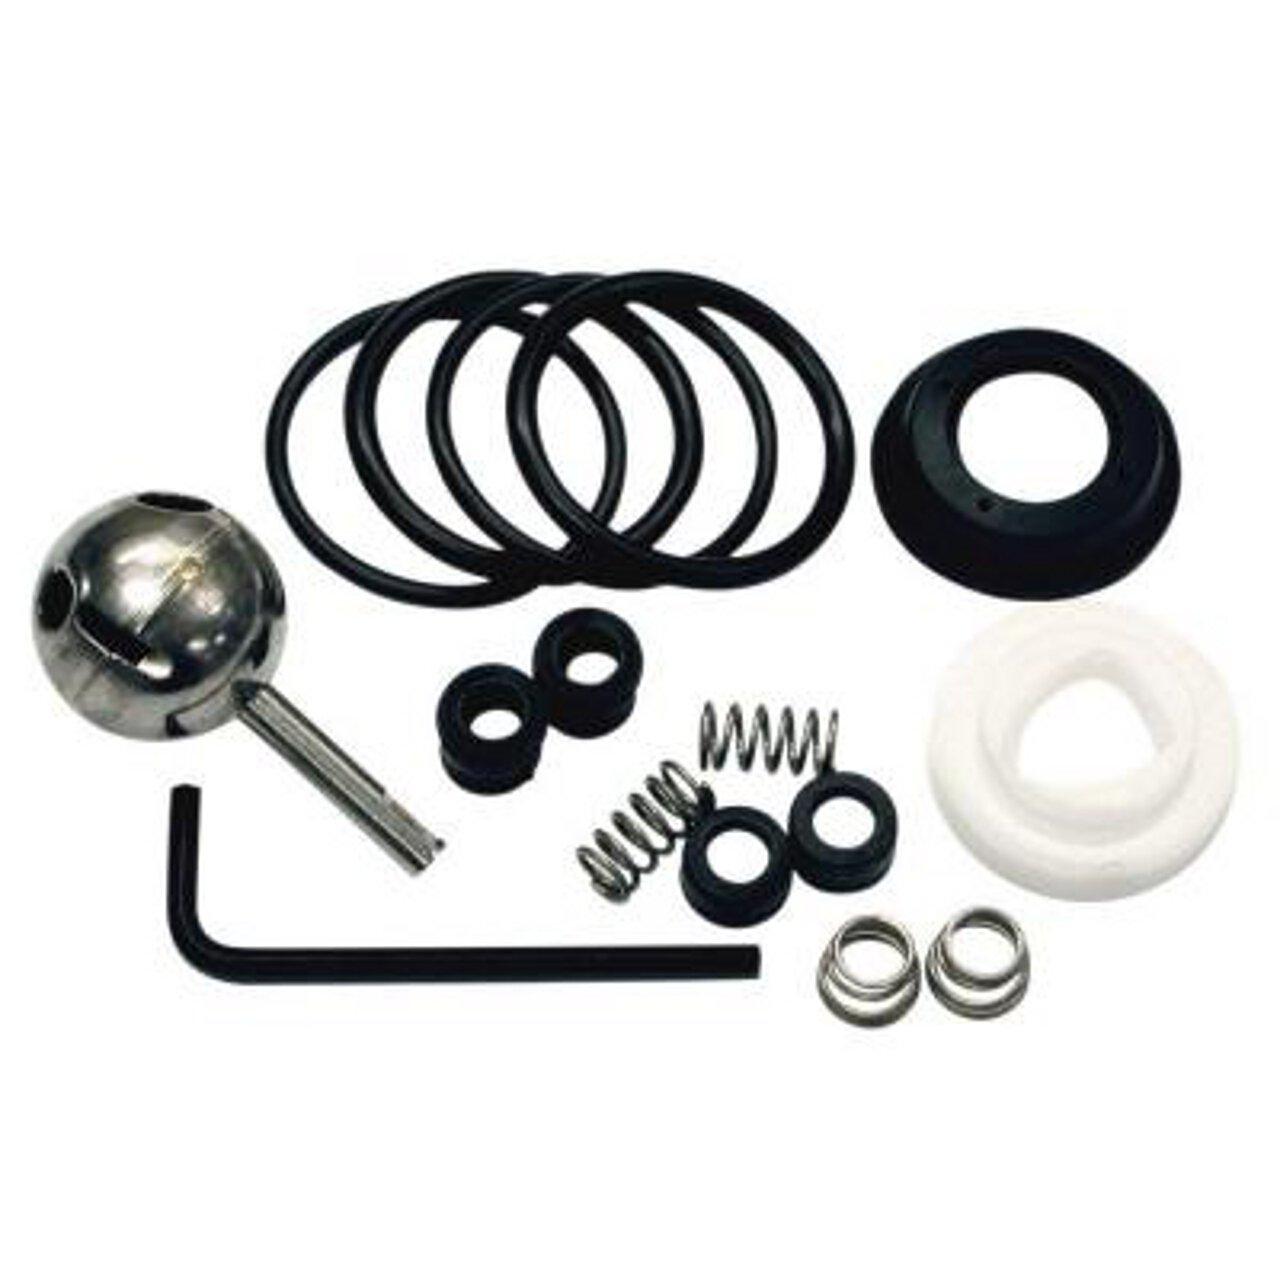 Danco 86970 Cartridge Repair Kit for Delta Single Handle Fauce by Danco